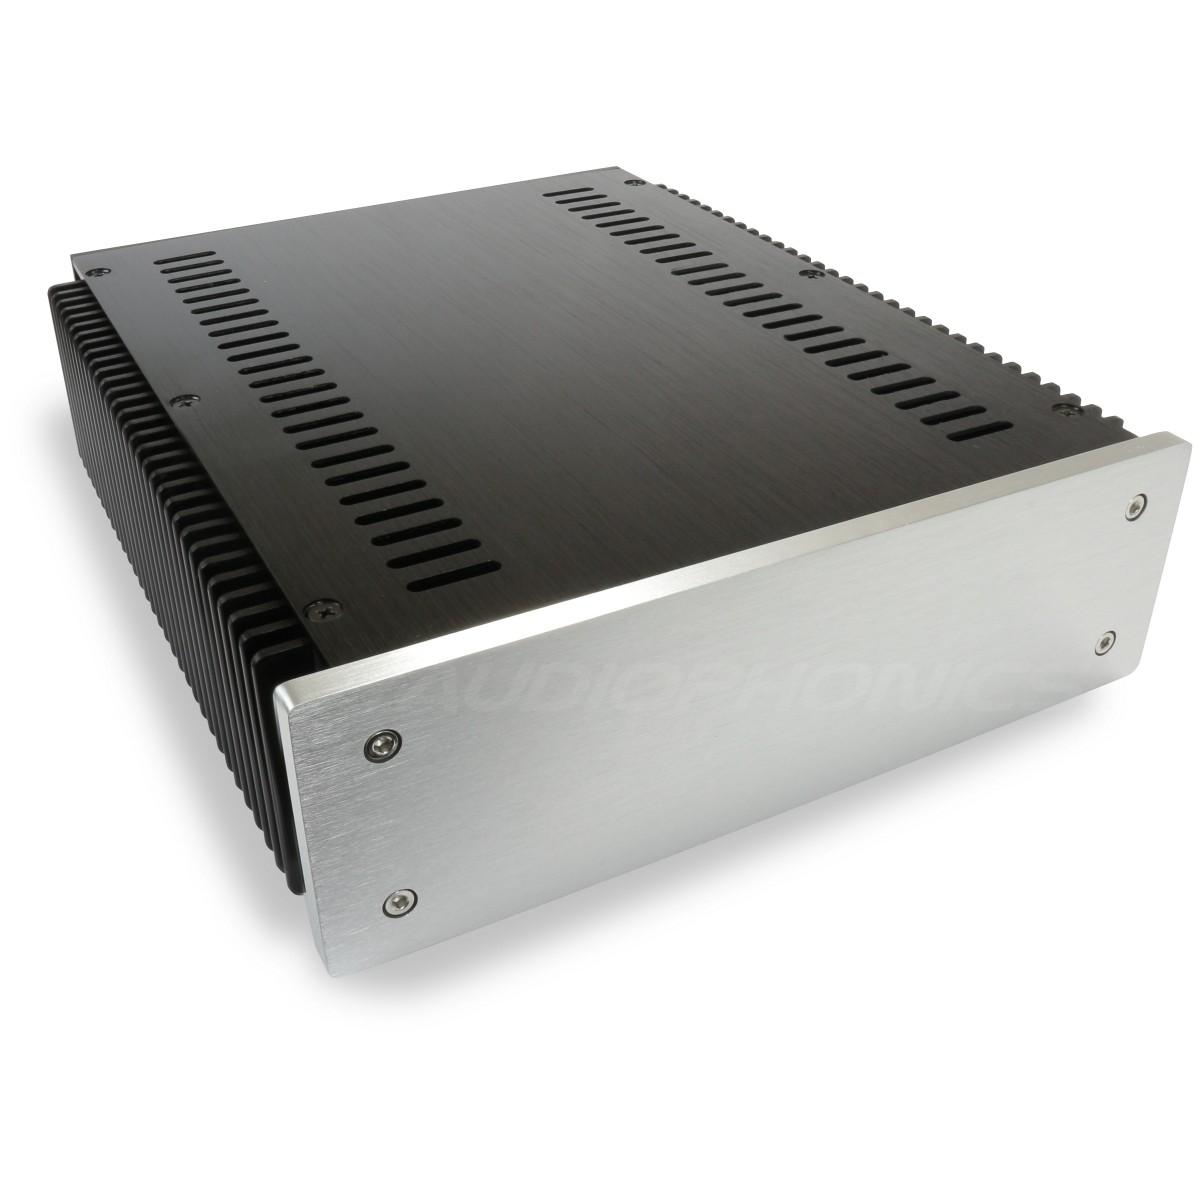 Boitier DIY 100% Aluminium avec dissipateur thermique 271x226x70mm